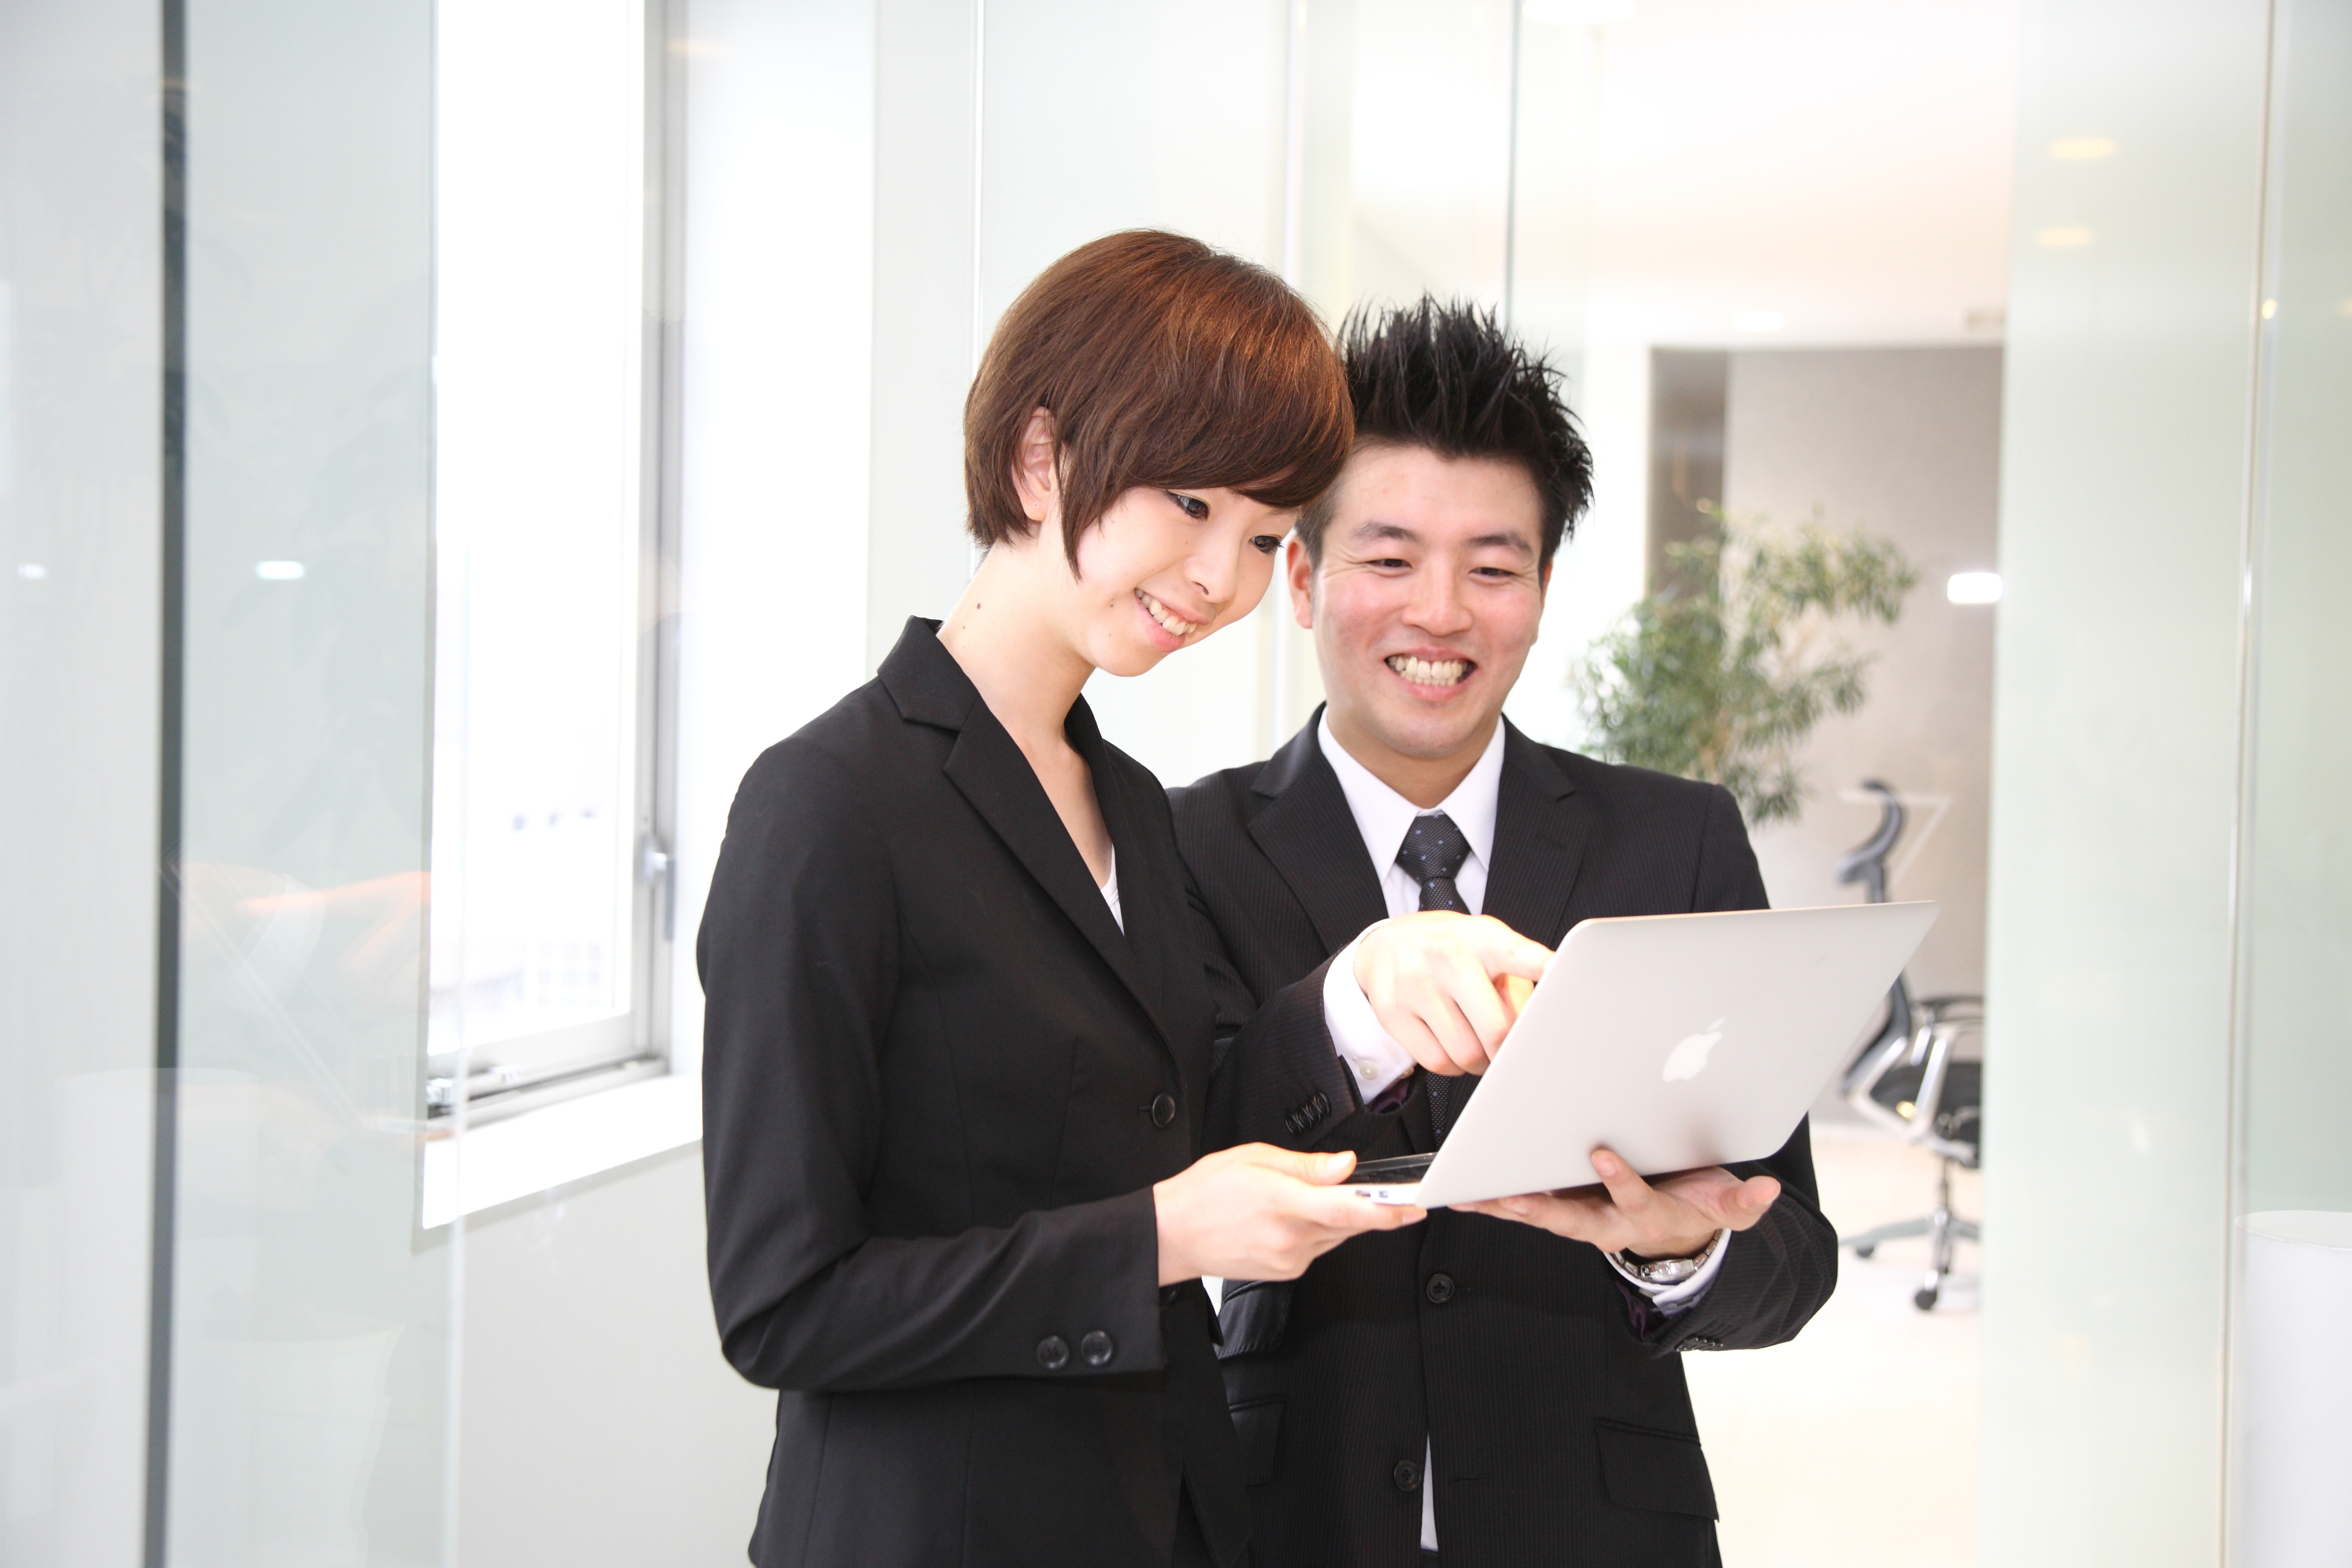 20代の婚活は結婚相談所が主流?結婚相談所に入会するための心構えとは